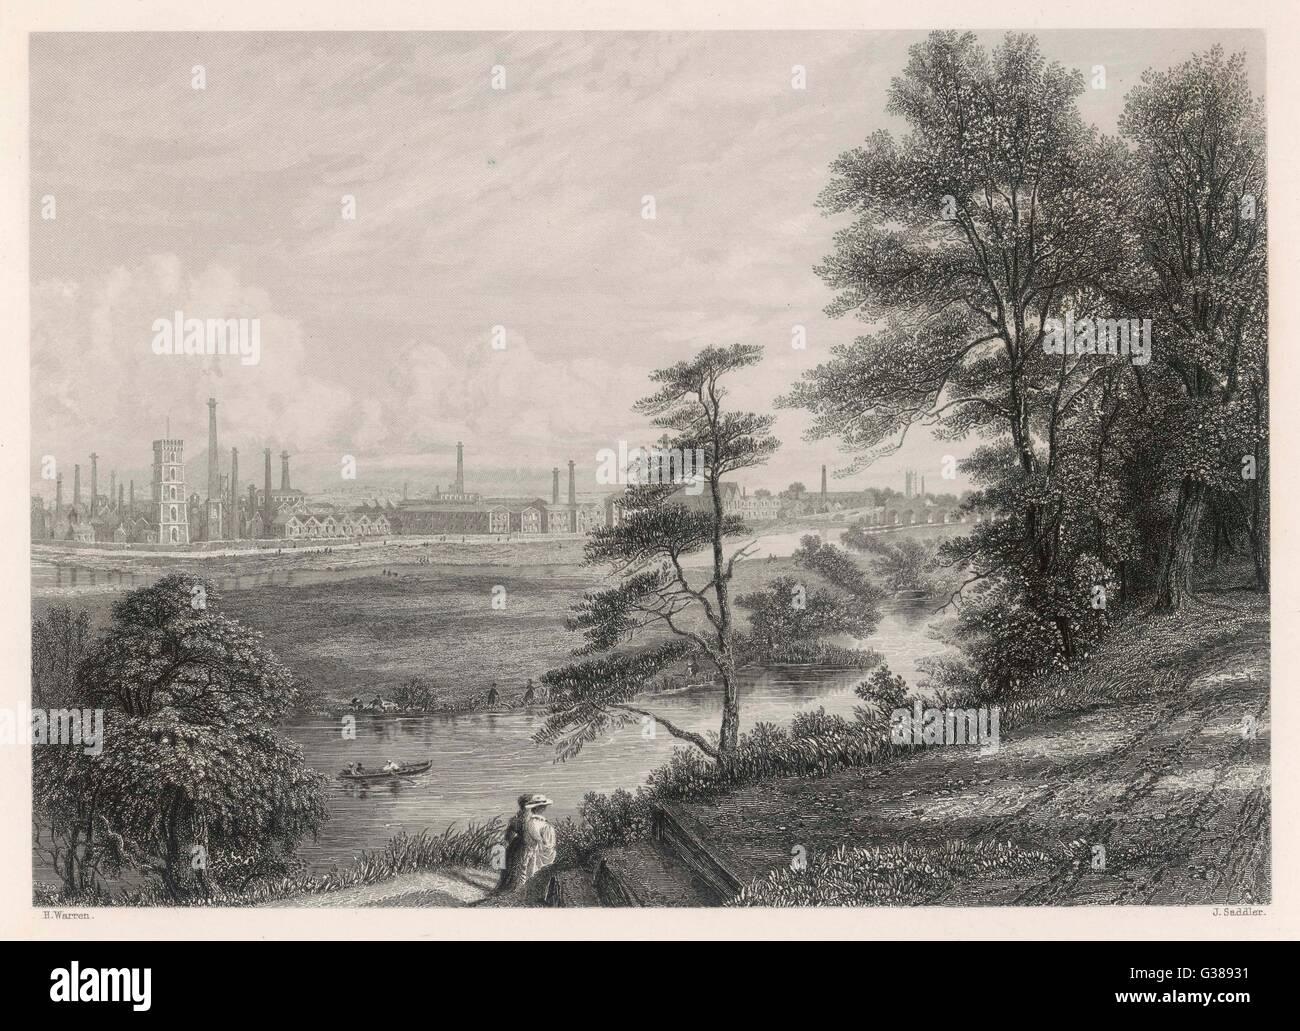 Die Industrielandschaft in Burton-On-Trent.         Datum: ca. 1840 Stockfoto